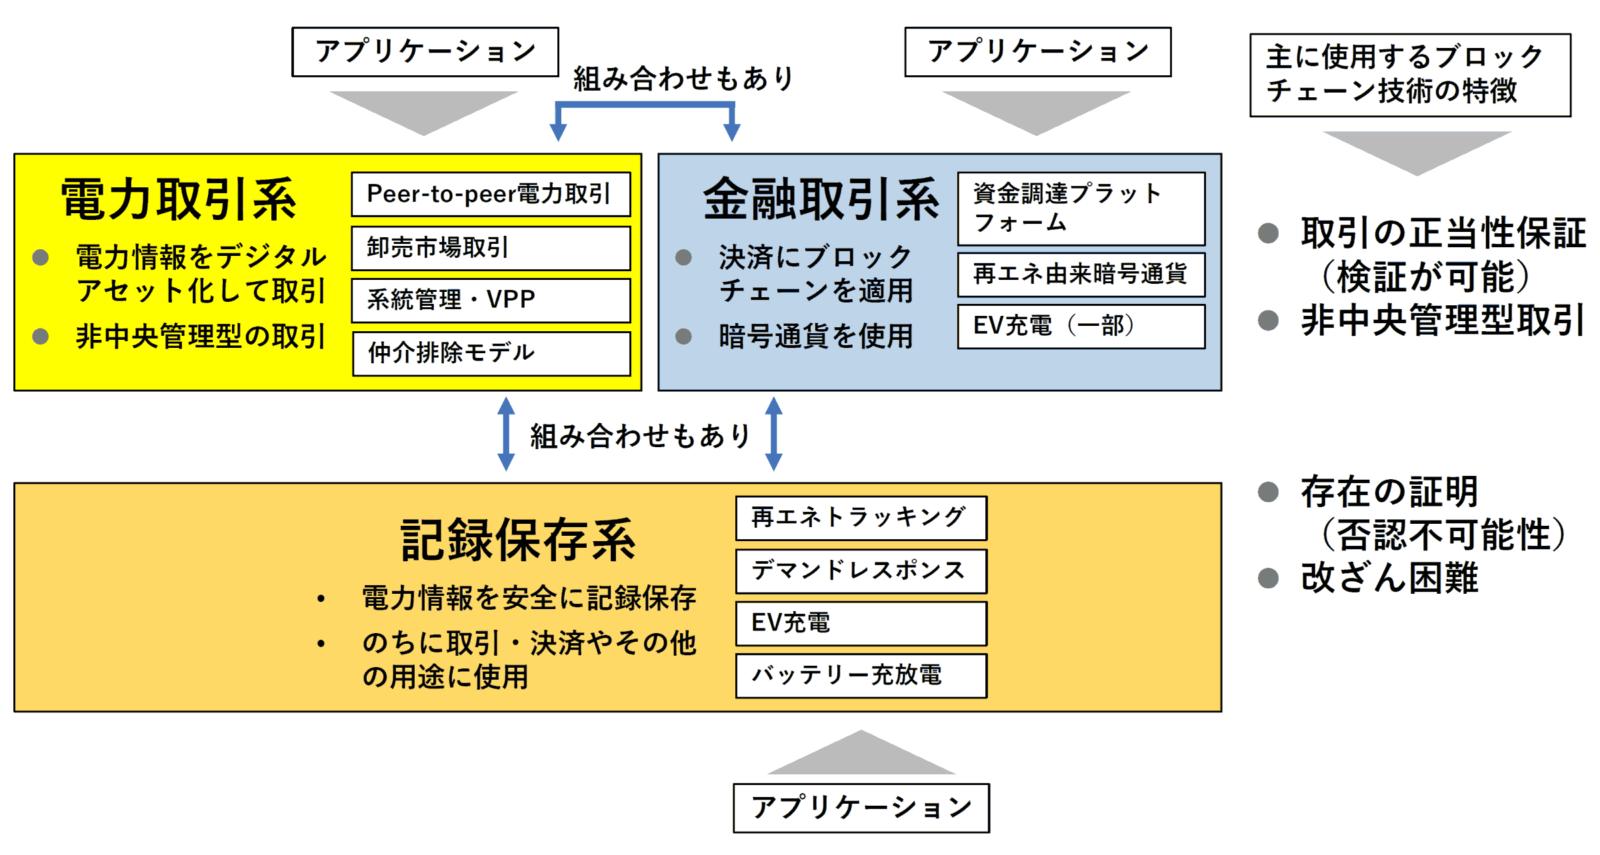 図1 エネルギー分野のブロックチェーン技術の適用の分類(出所:著者作成・著者が参加するIEEE P2418.5エネルギー分野のブロックチェーン標準化に関するワーキンググループへの提出資料から)